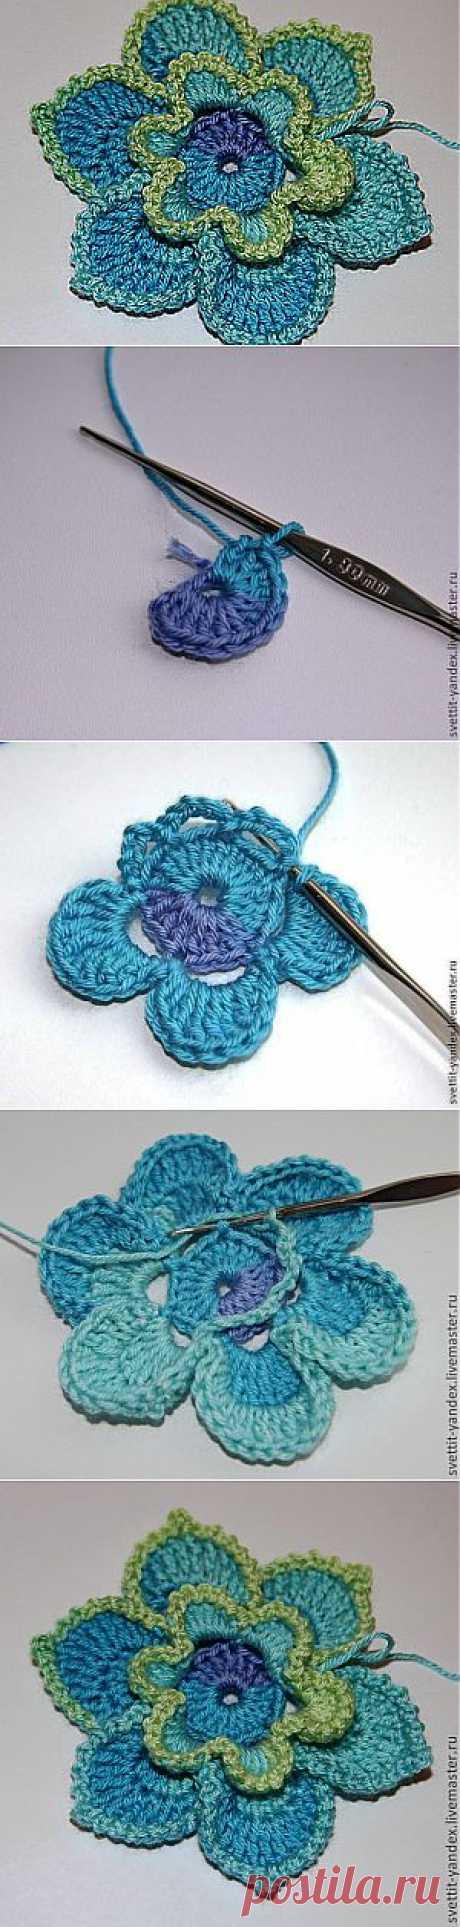 Вяжем крючком цветы - Ярмарка Мастеров - ручная работа, handmade